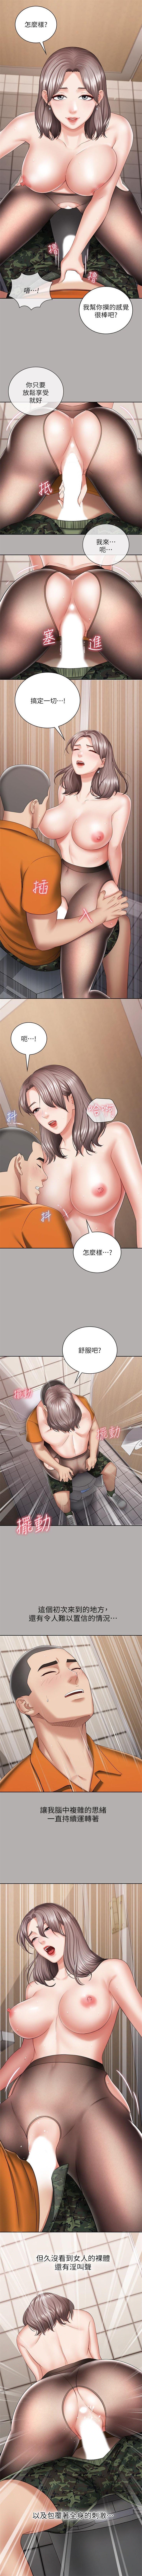 妹妹的義務 1-37 官方中文(連載中) 166